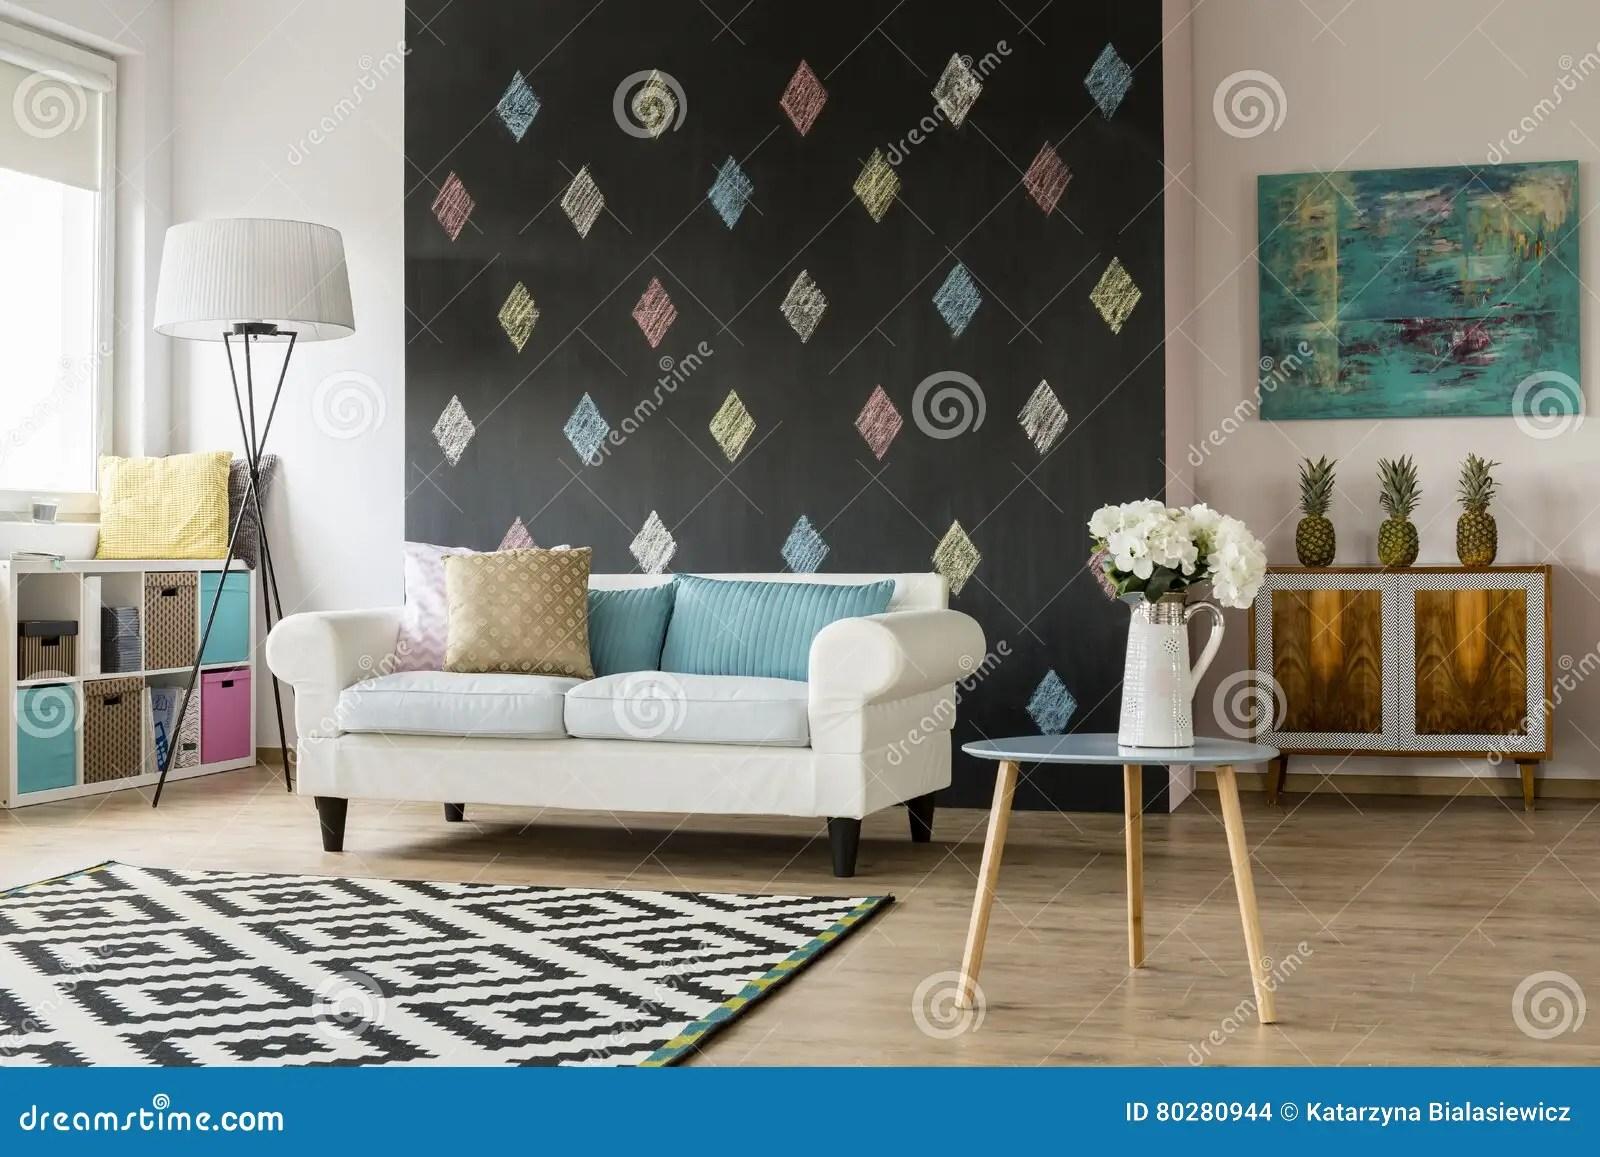 Wohnzimmer Pastell Farben Amazing Pastellfarben Wohnzimmer